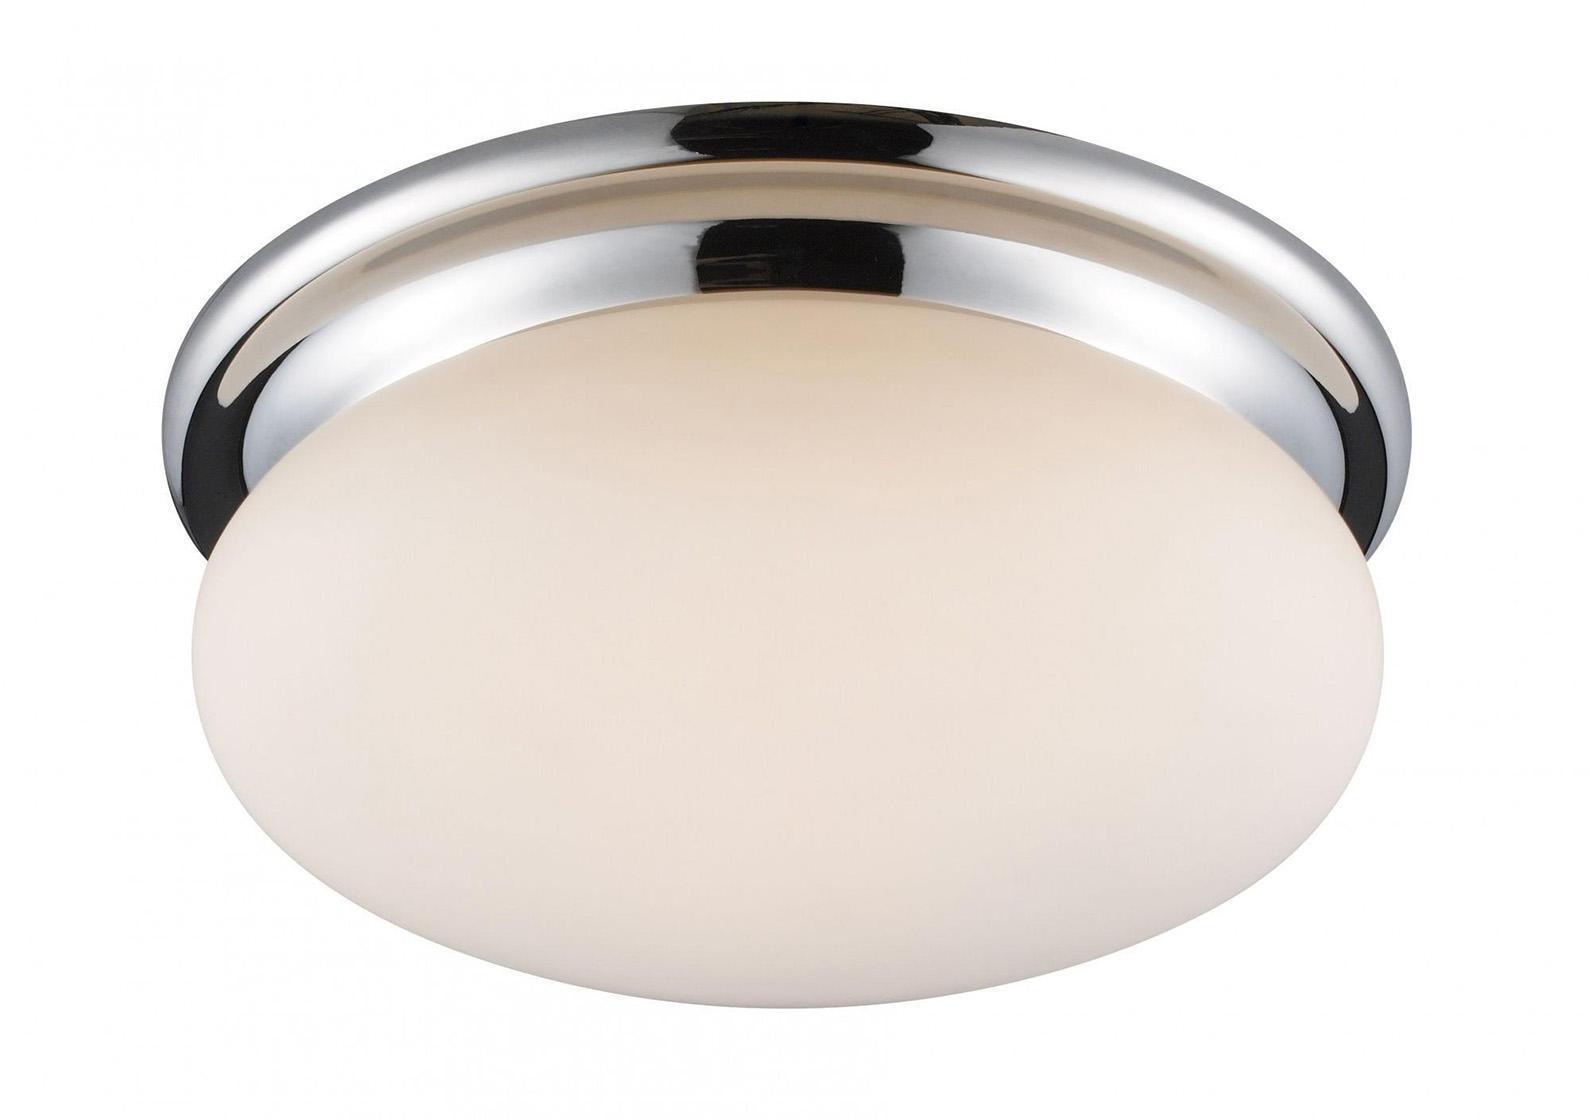 Светильник для ванной комнаты Arte lamp A2916pl-1cc